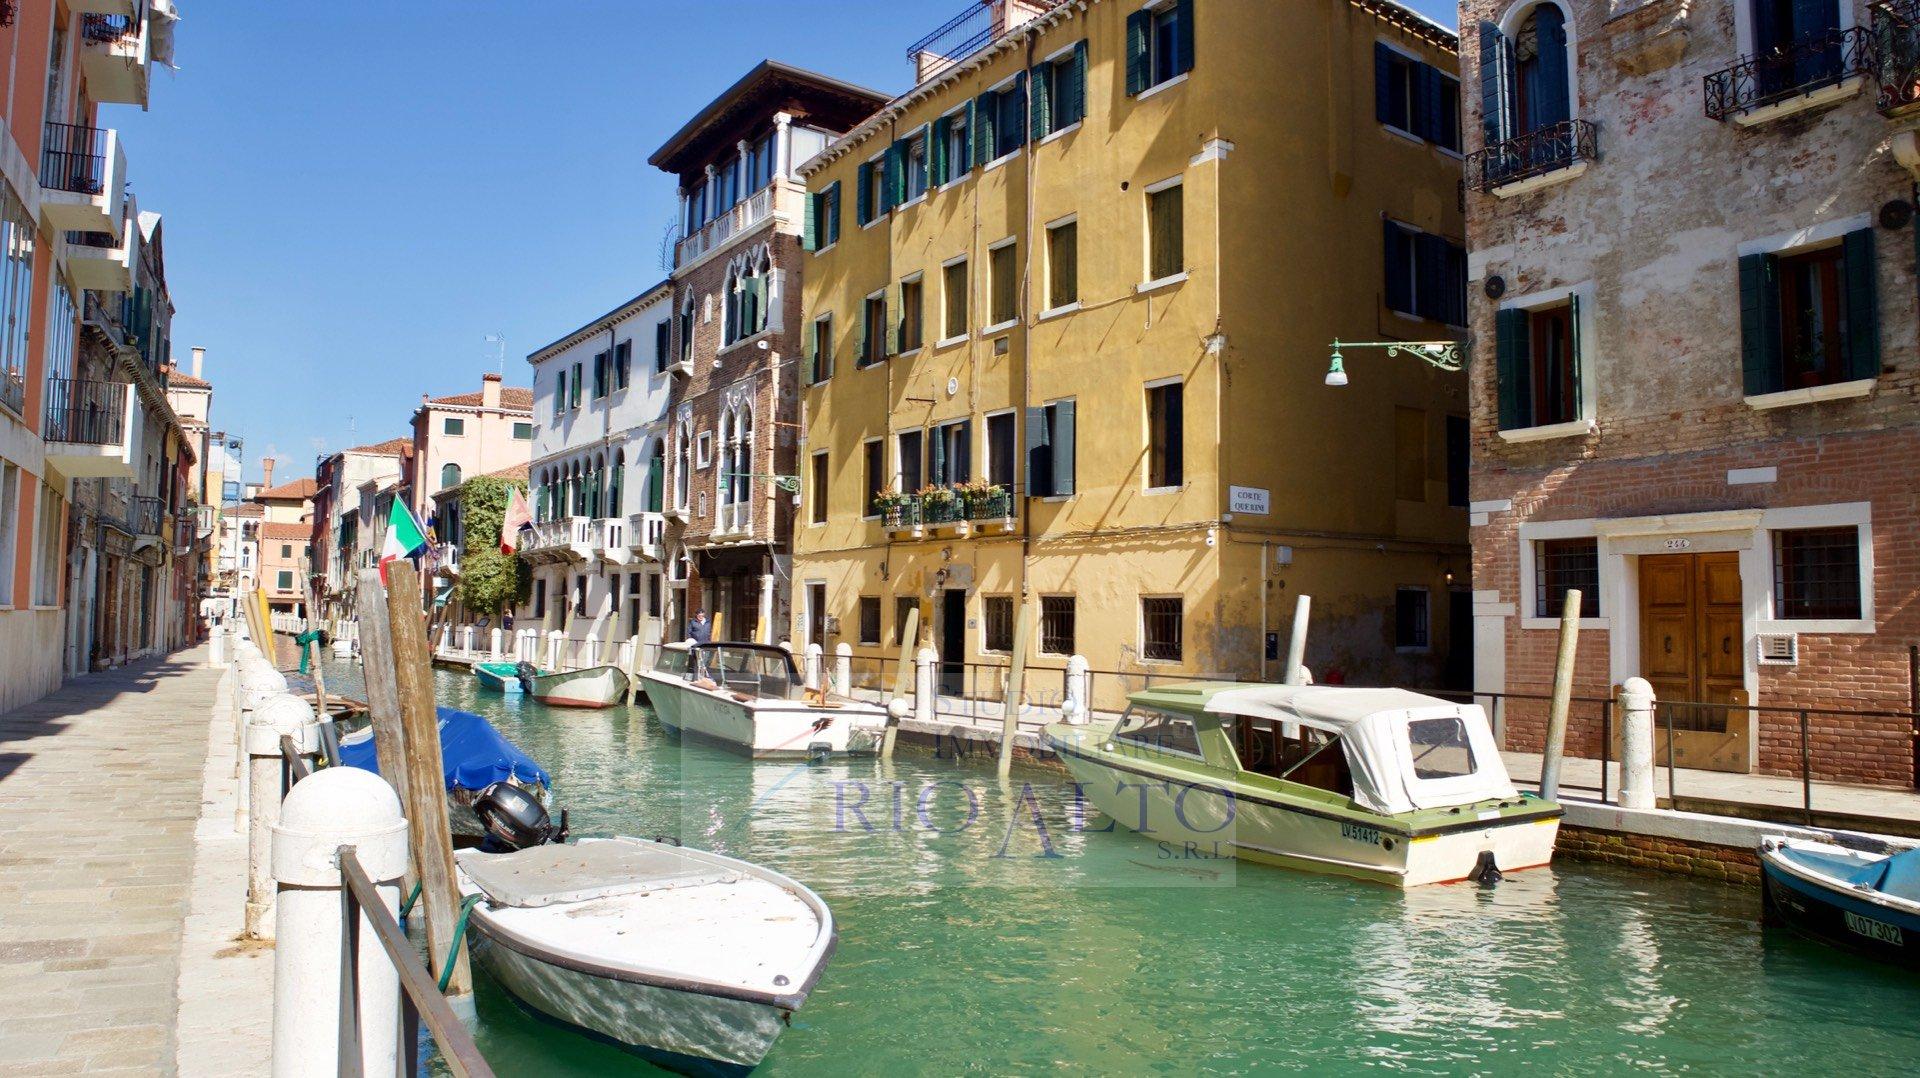 Veneto, Italy 1